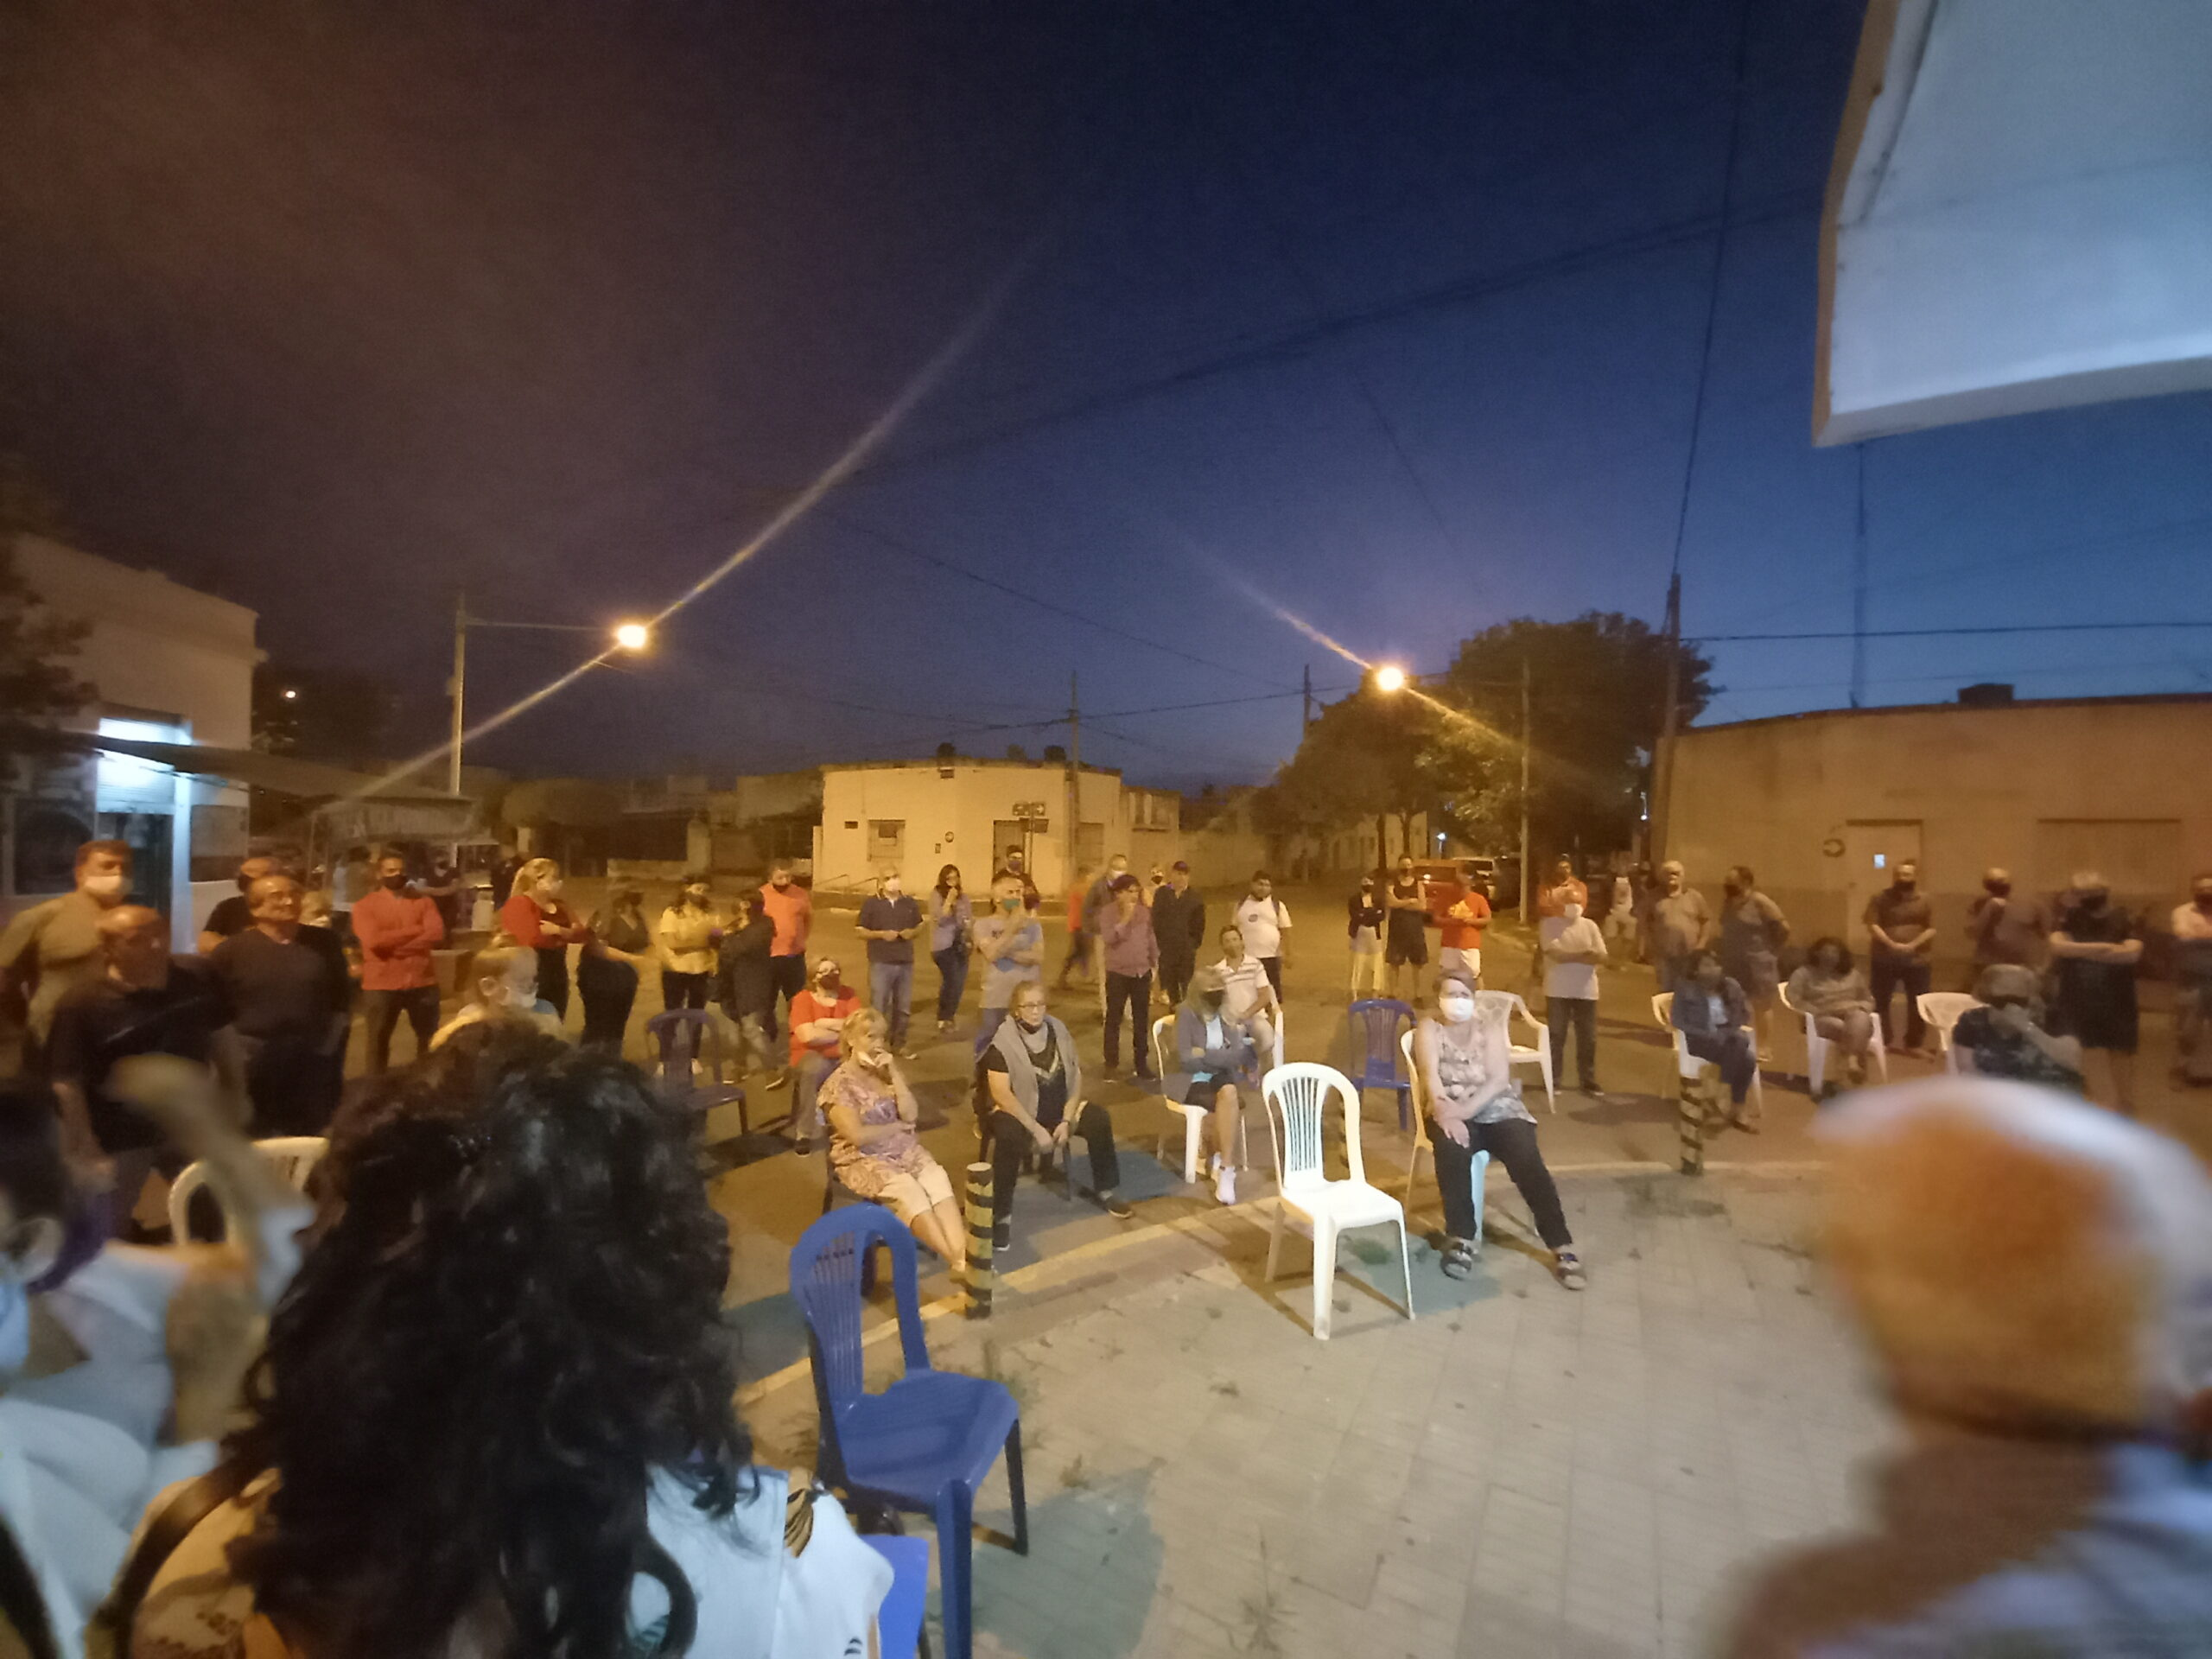 FALTA DE AGUA POTABLE EN PERGAMINO- ENTREVISTA  LA CONCEJALA SILVIA VIERA DEL FRENTE DE TODOS